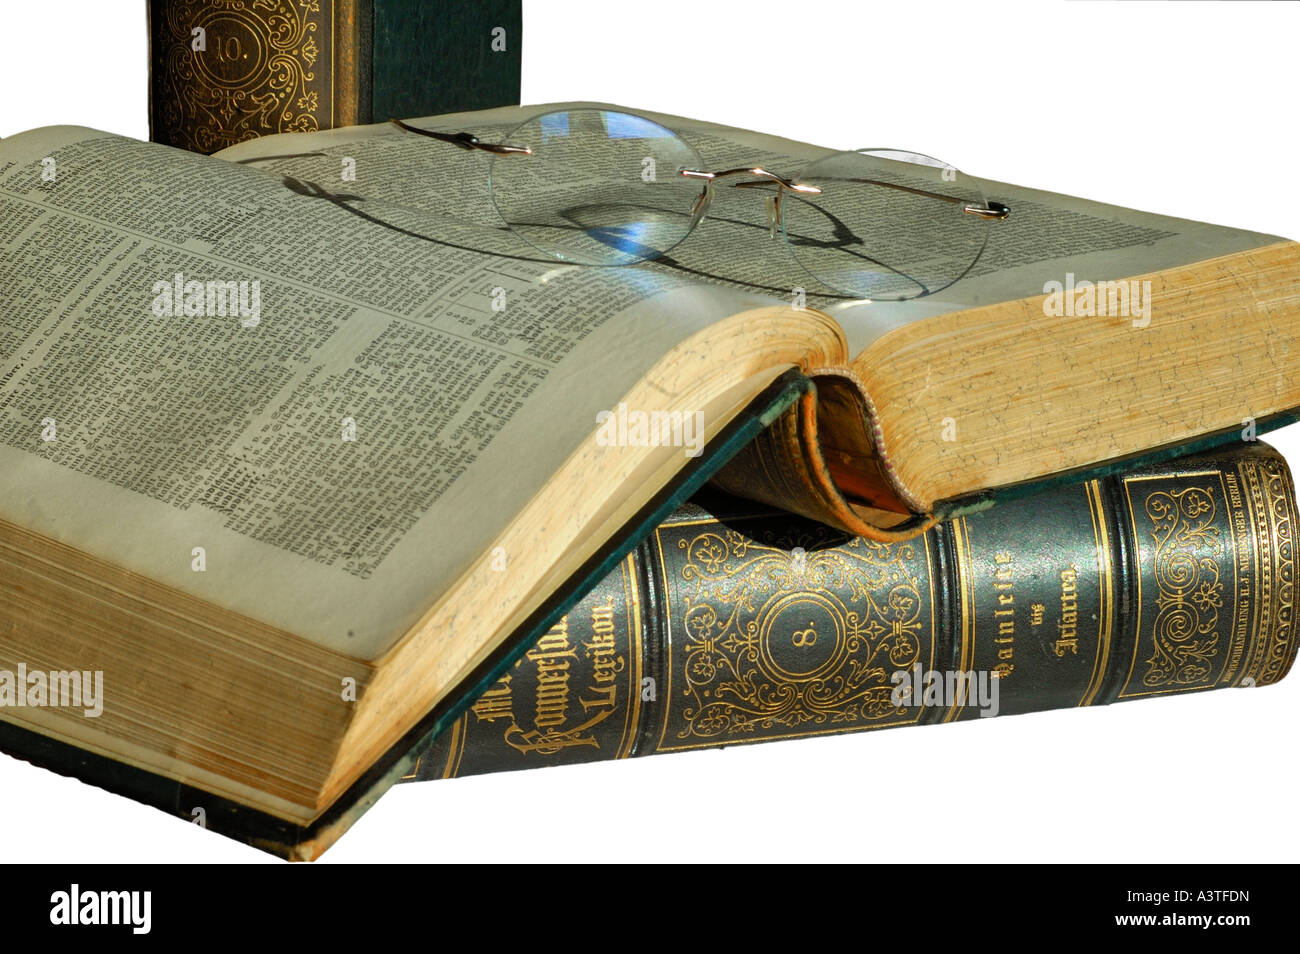 Gli occhiali da lettura sul volume aperto di una vecchia edizione di Meyers lexicon Immagini Stock